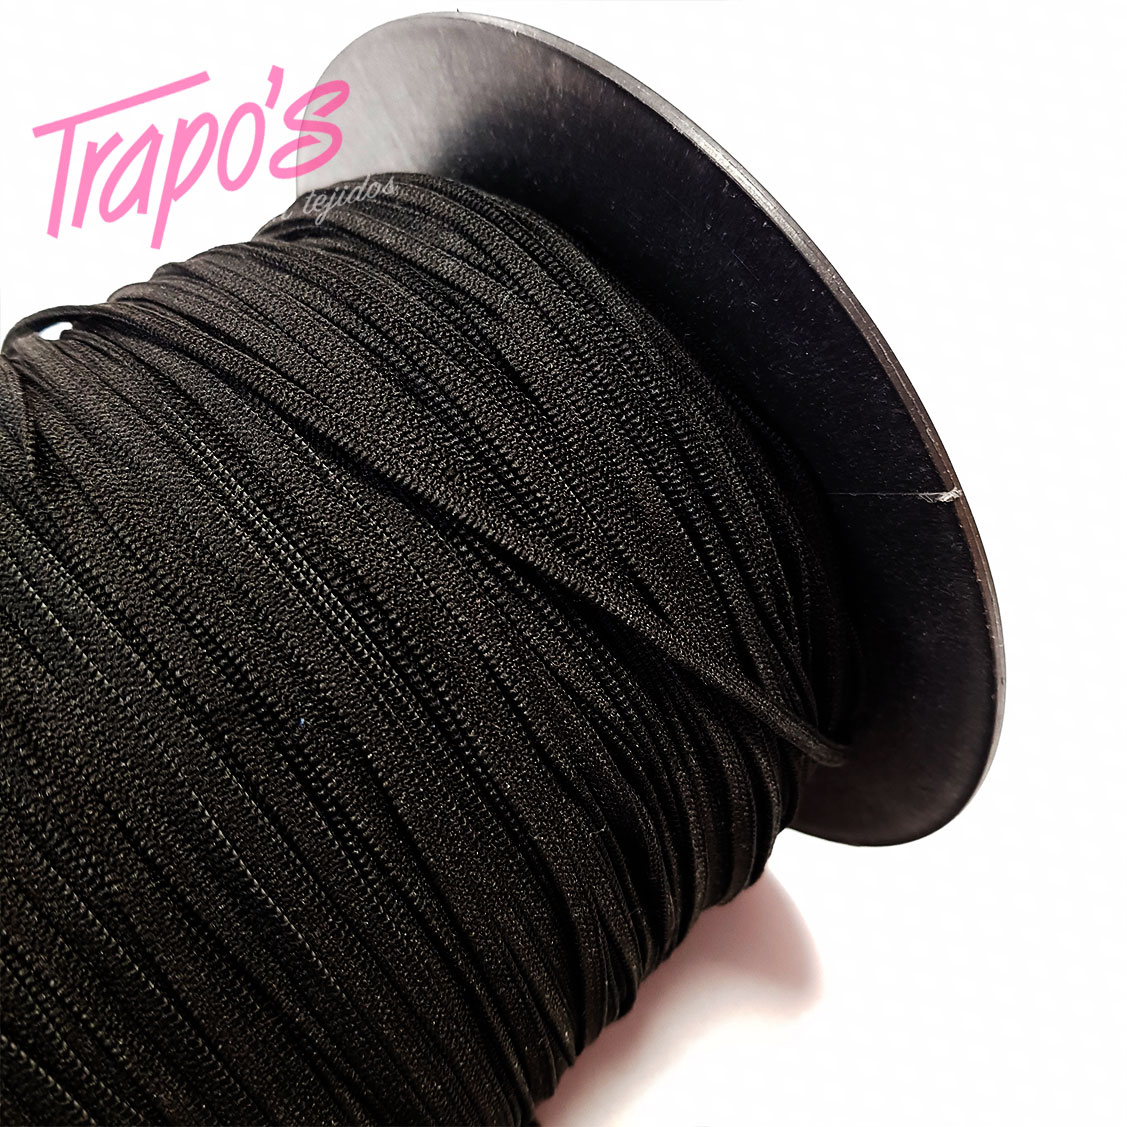 elastico-negro3